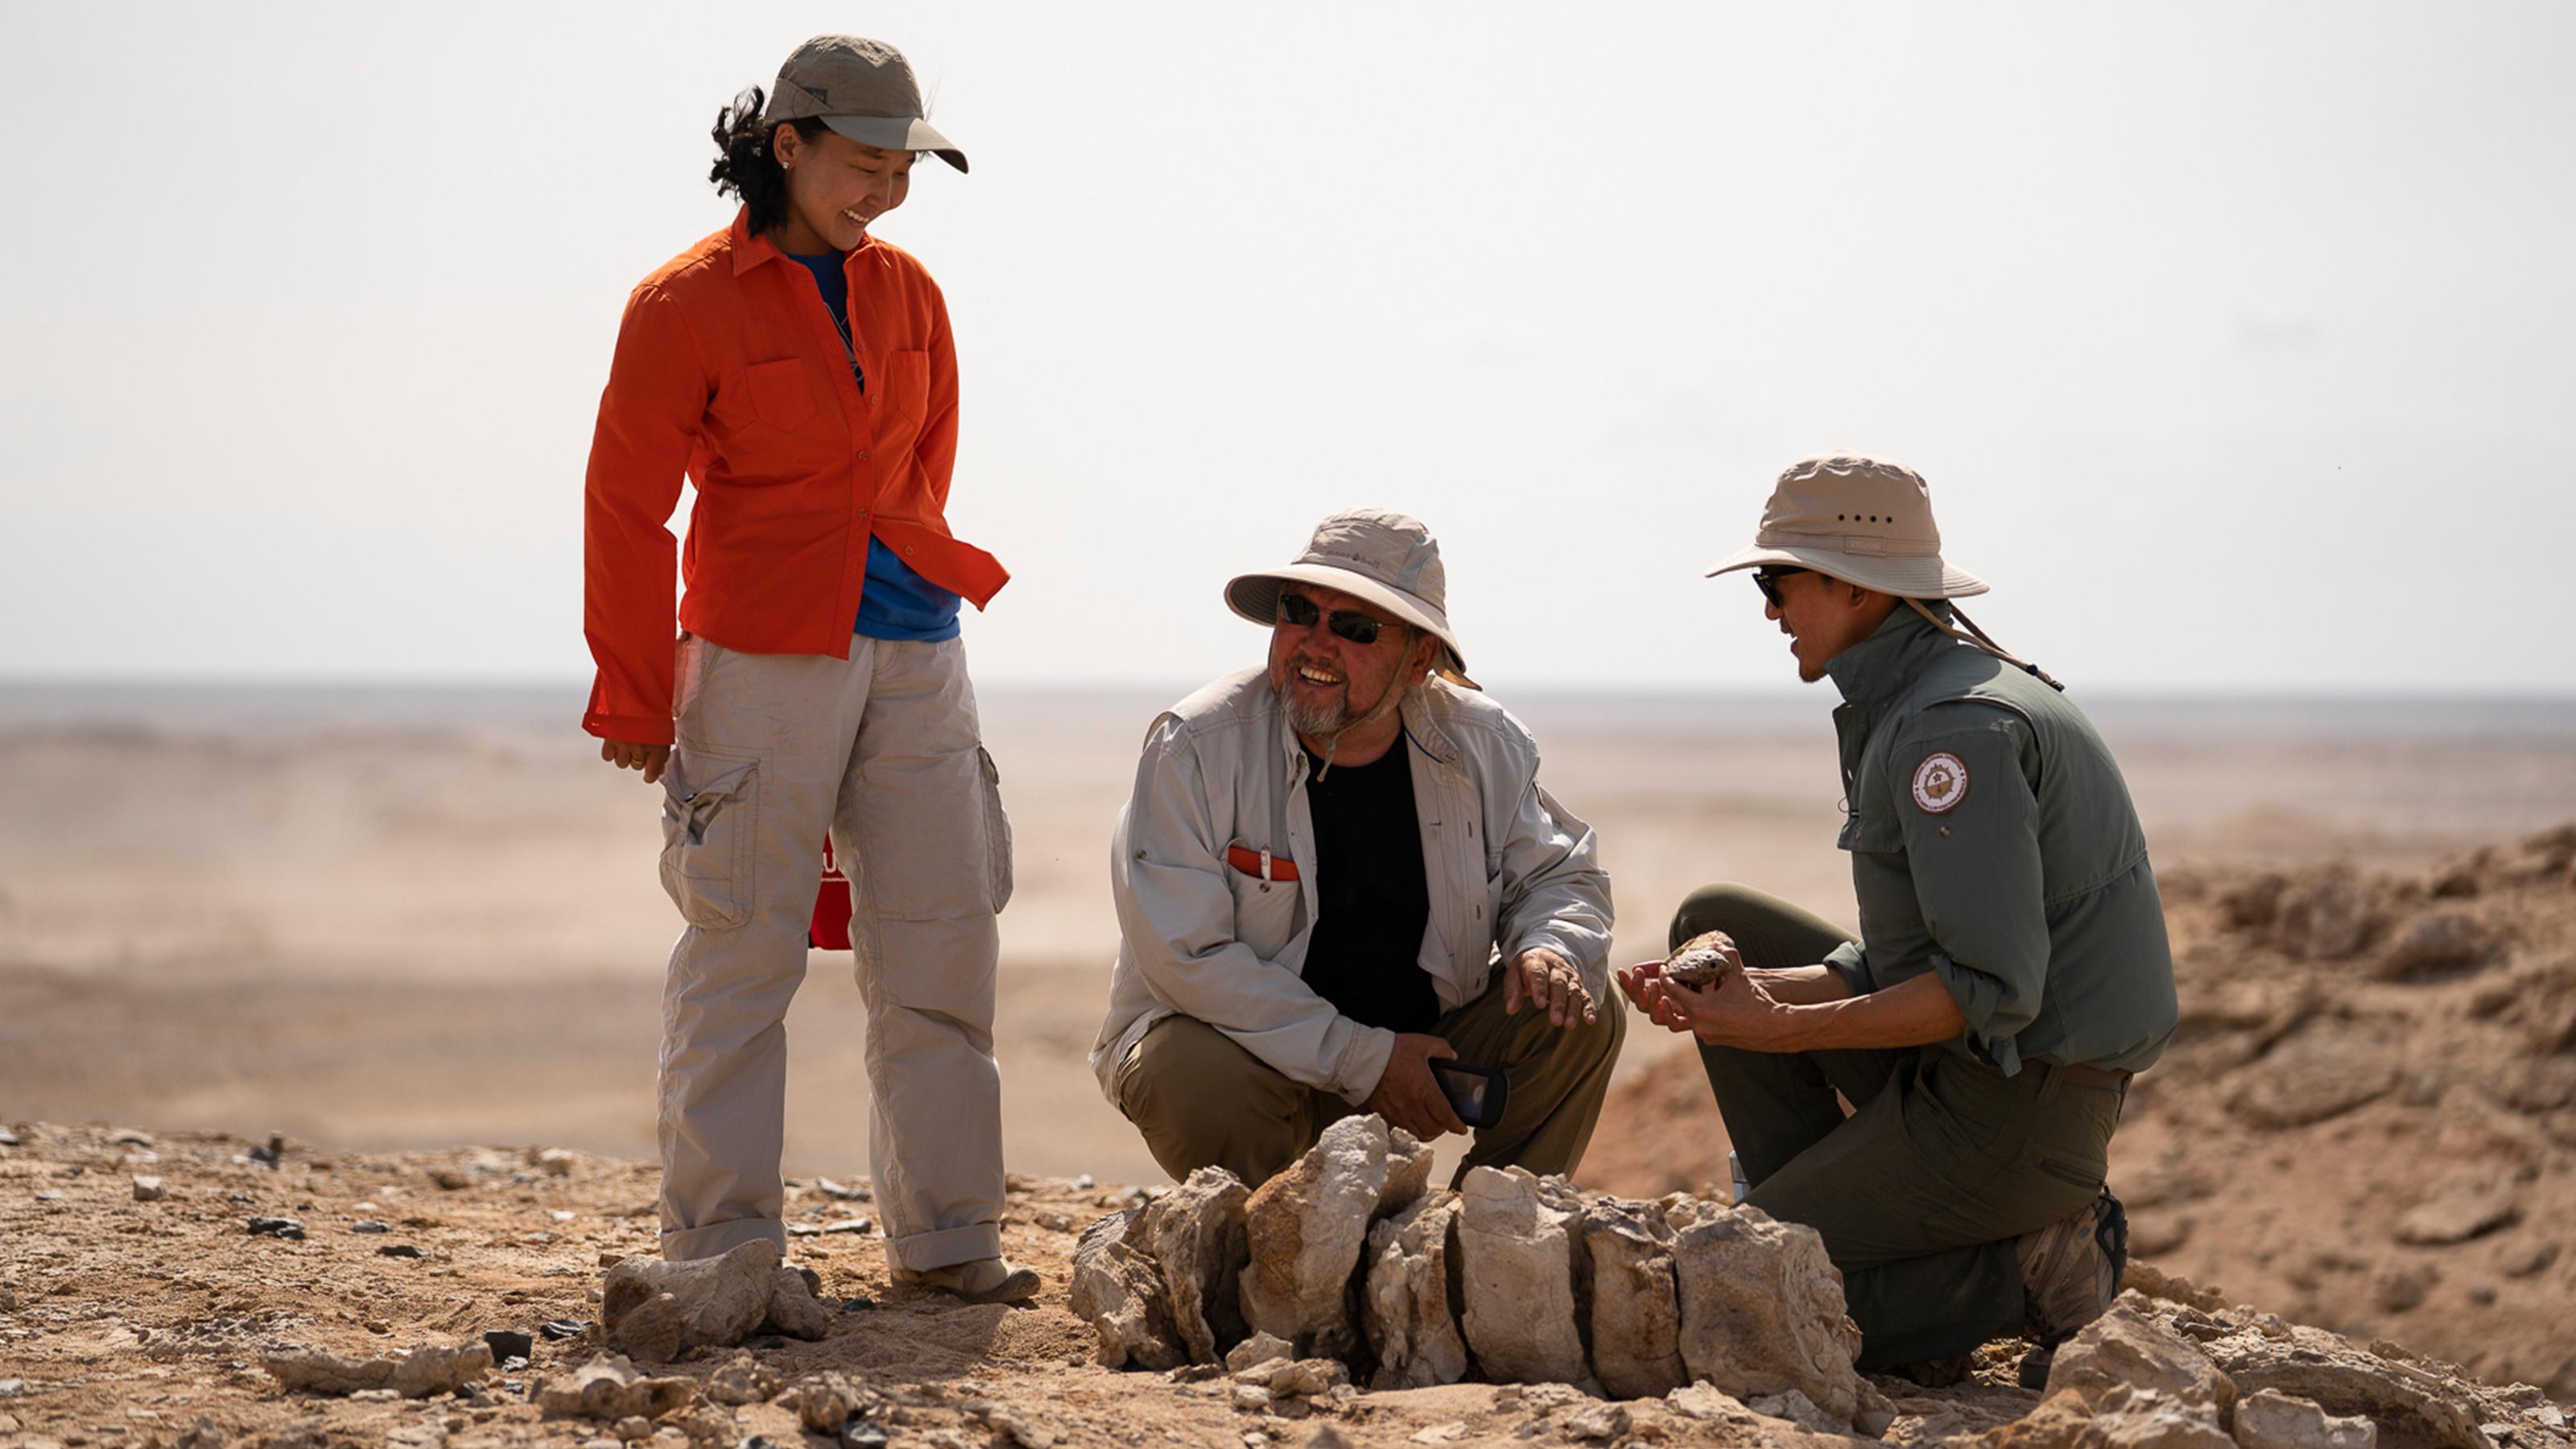 INFINITI QX Series find new discoveries in Gobi Desert